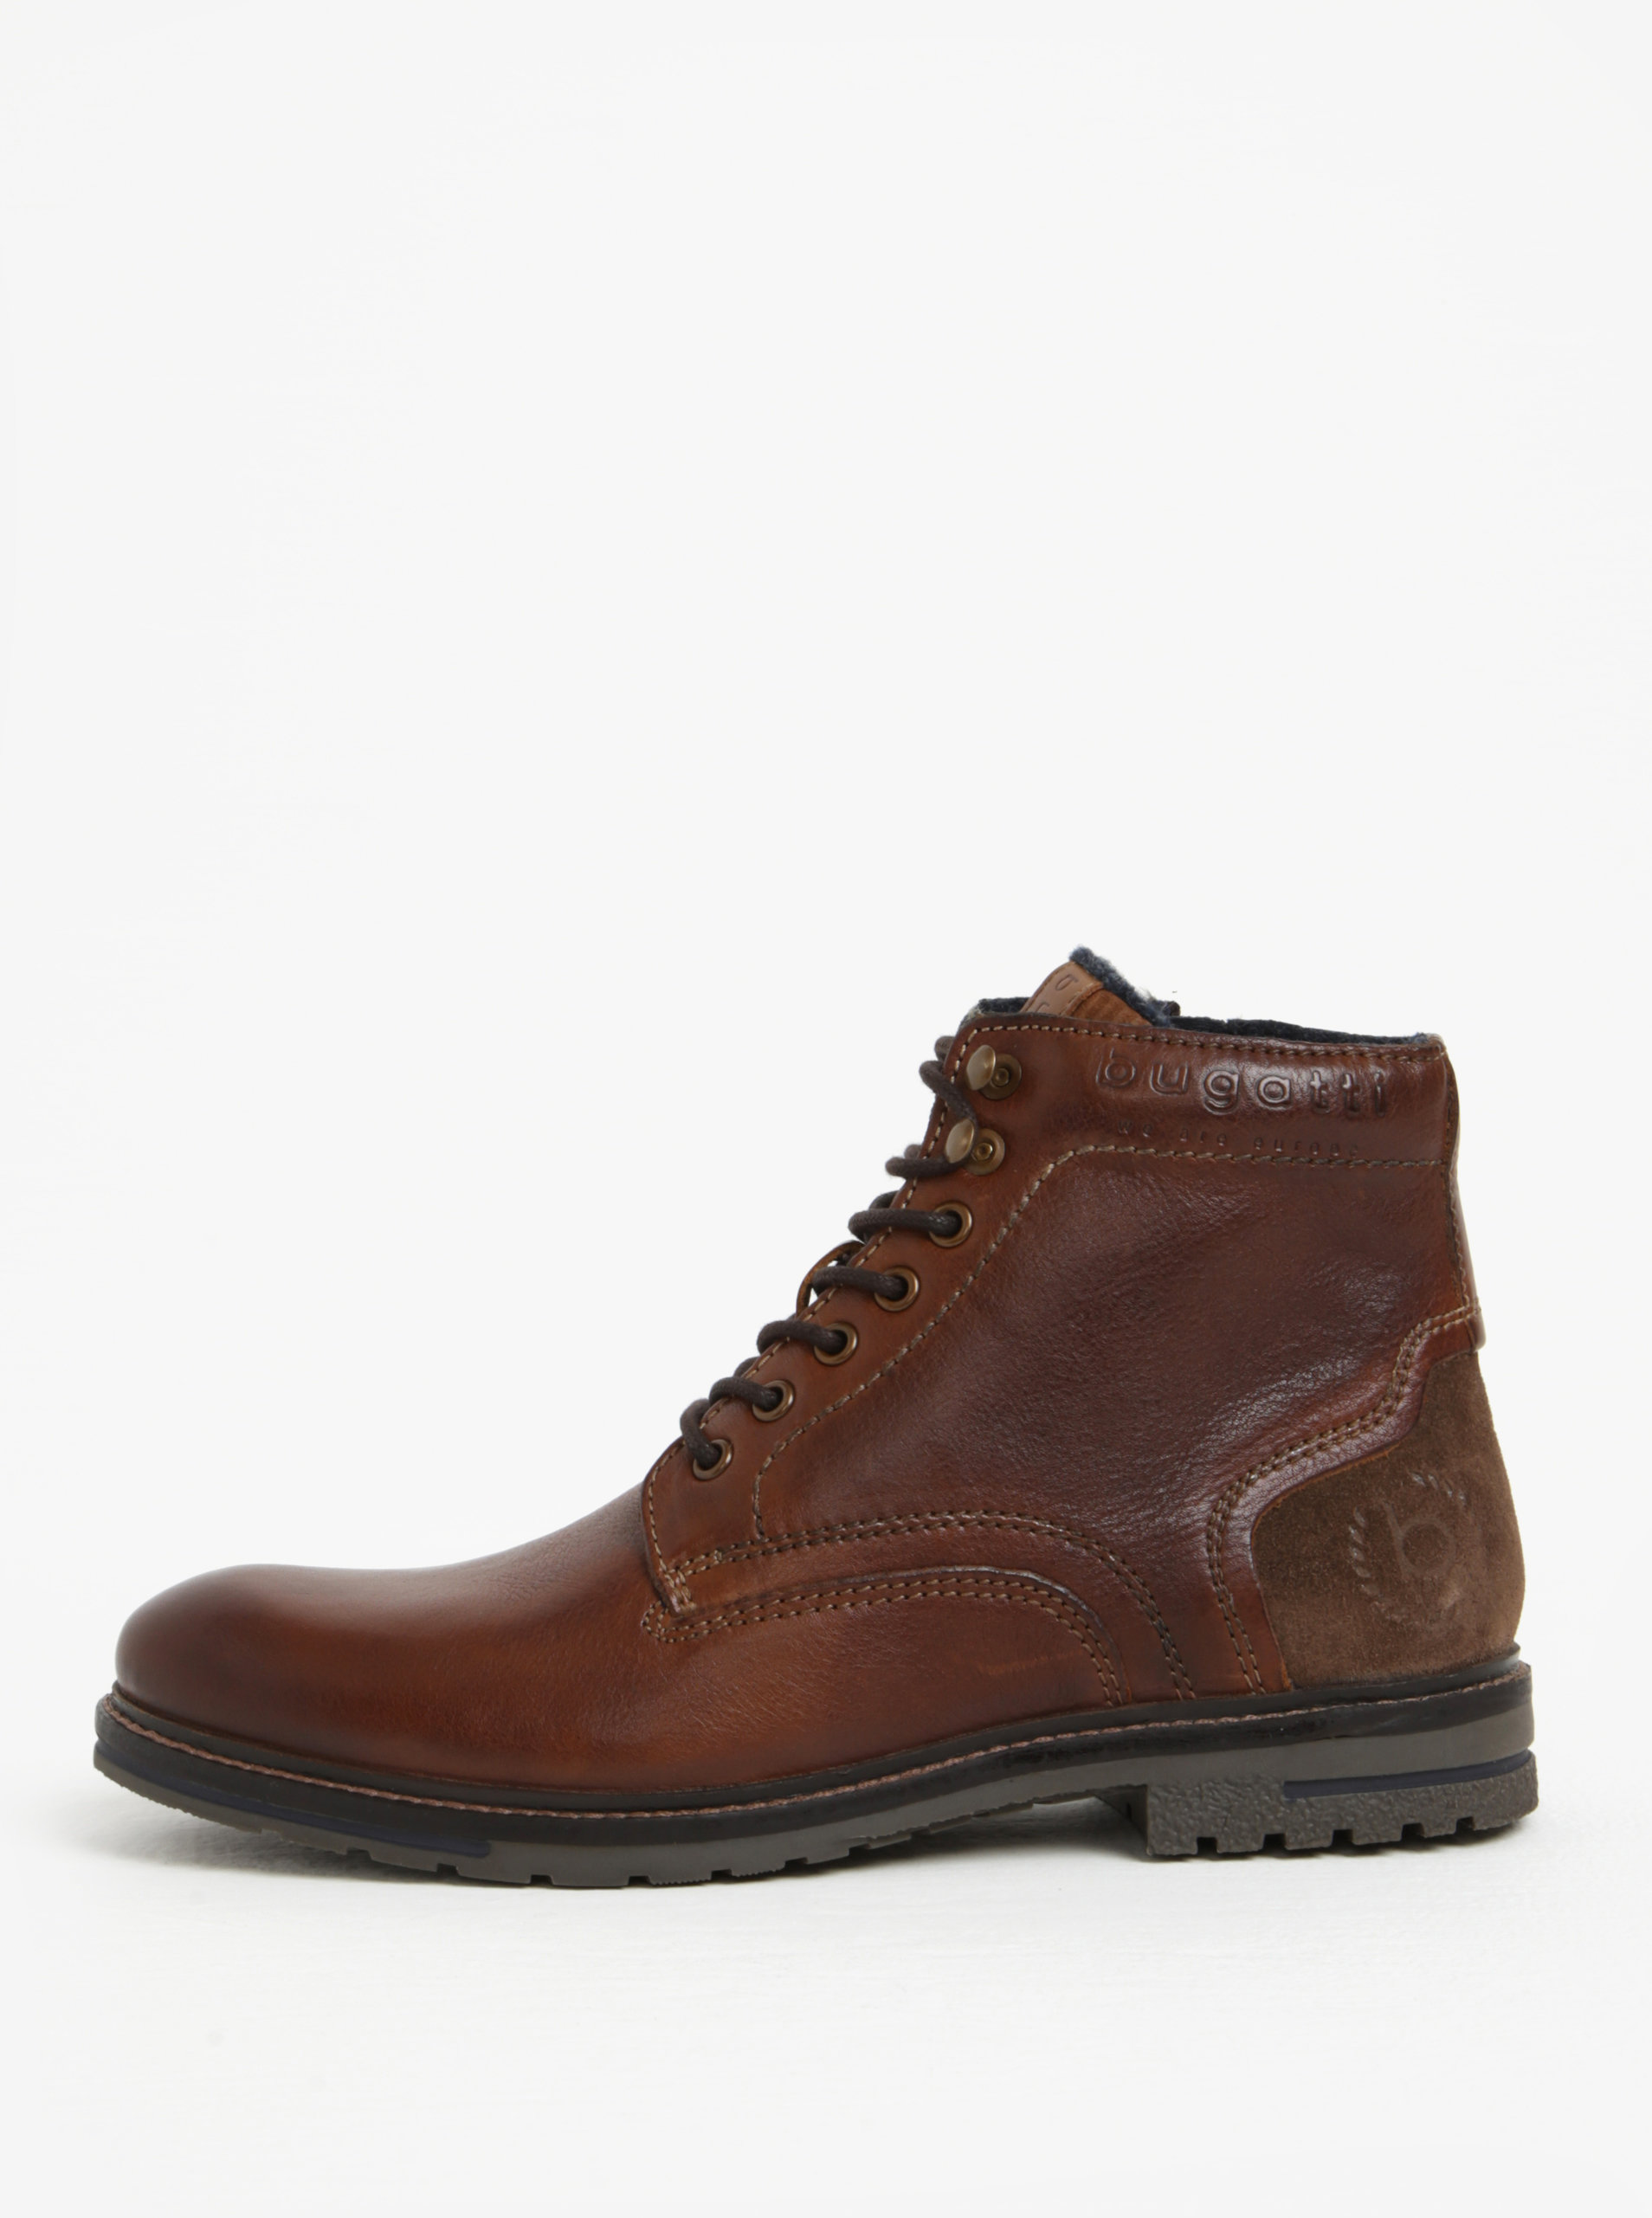 cb325e3231 Hnědé pánské kožené kotníkové zimní boty bugatti Ringo ...